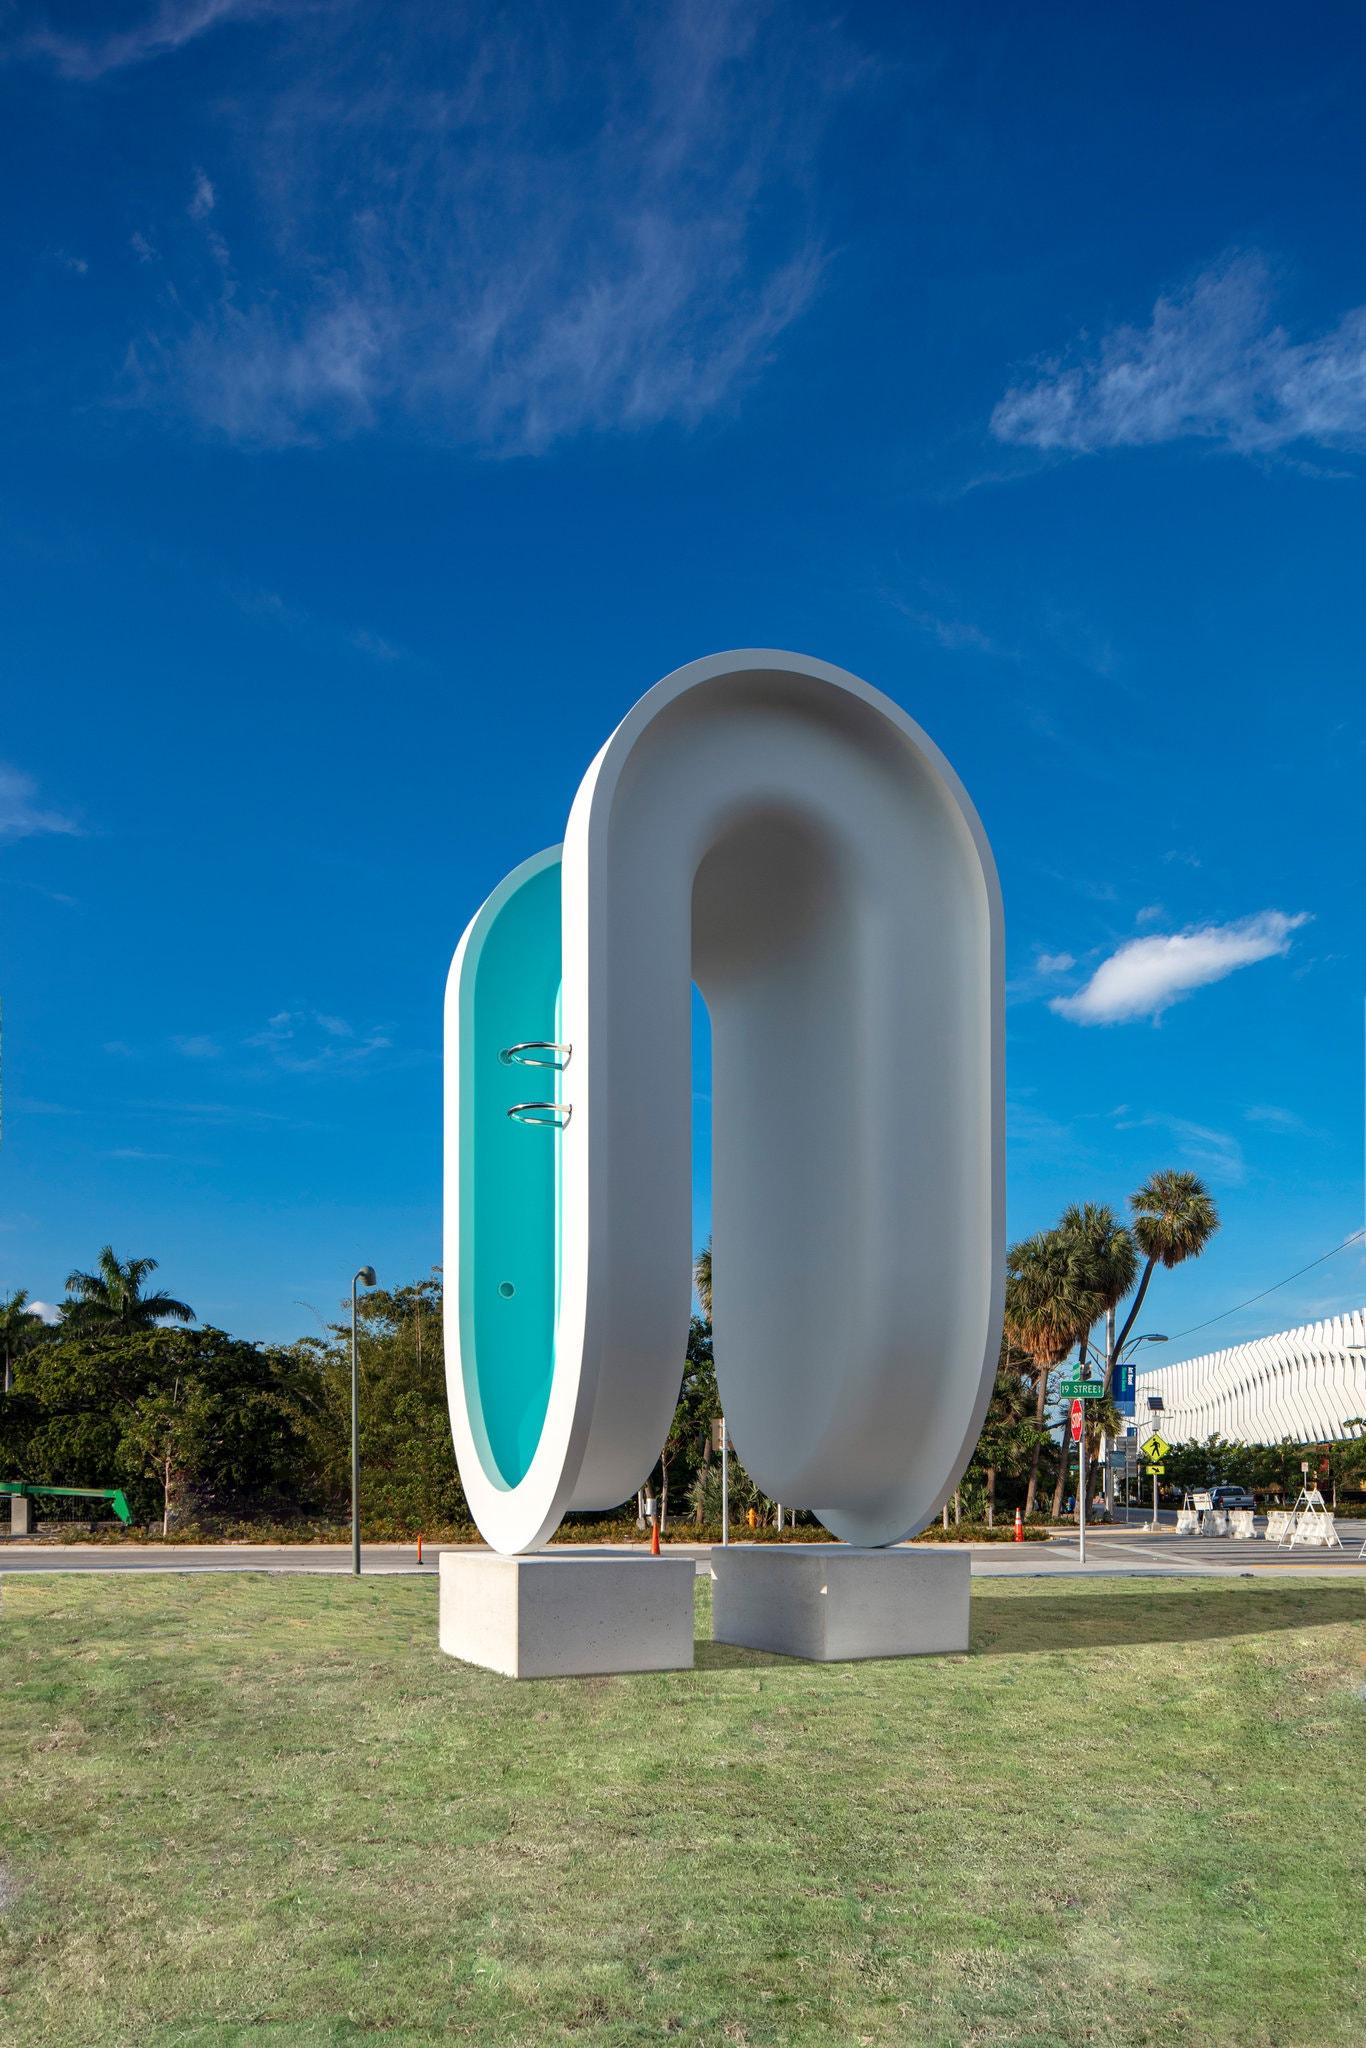 Las 6 exhibiciones más impactantes de Art Basel Miami 2019